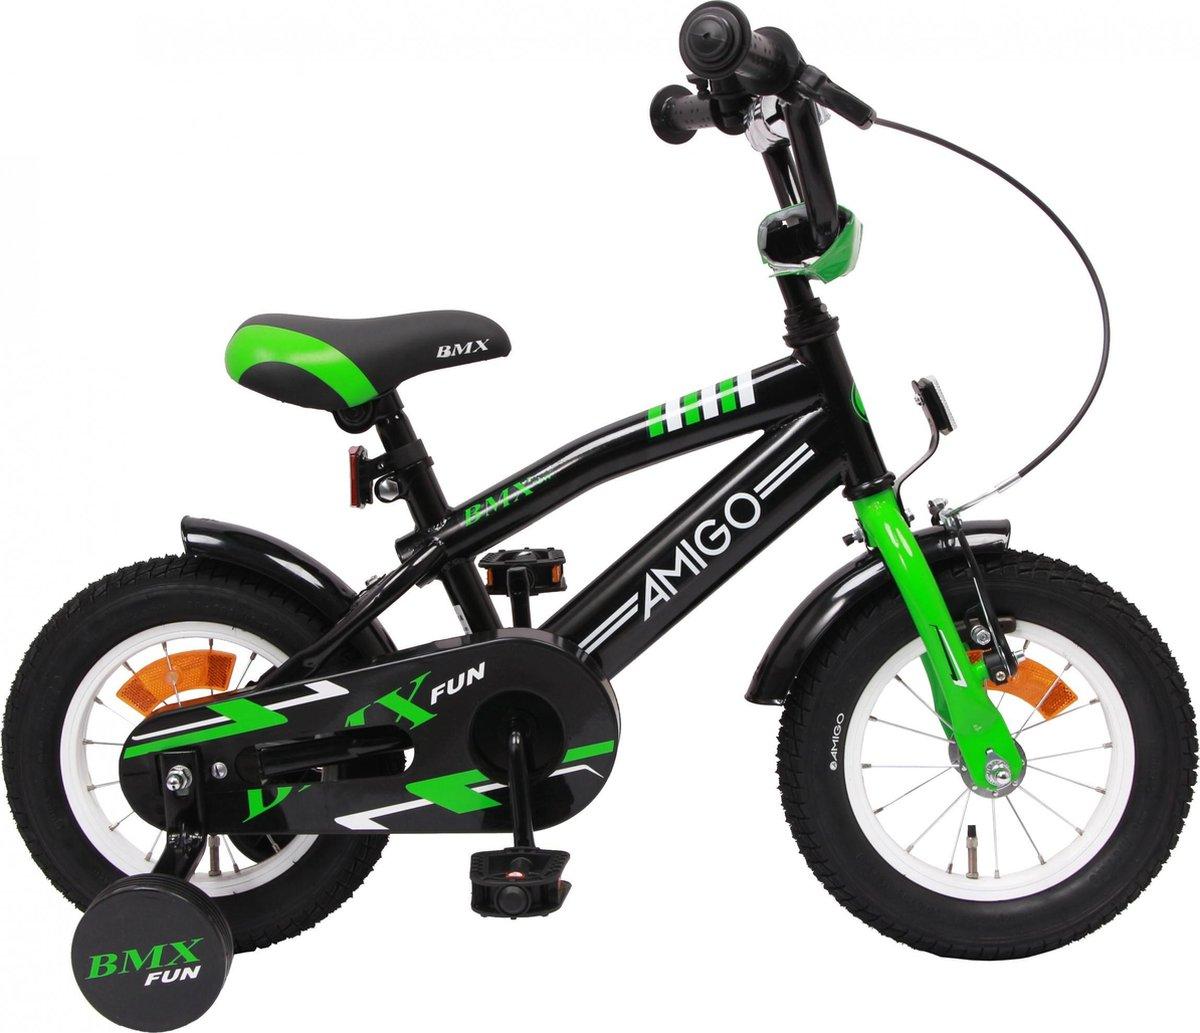 Amigo BMX Fun - Kinderfiets 12 inch - Jongens - Zwart/Groen